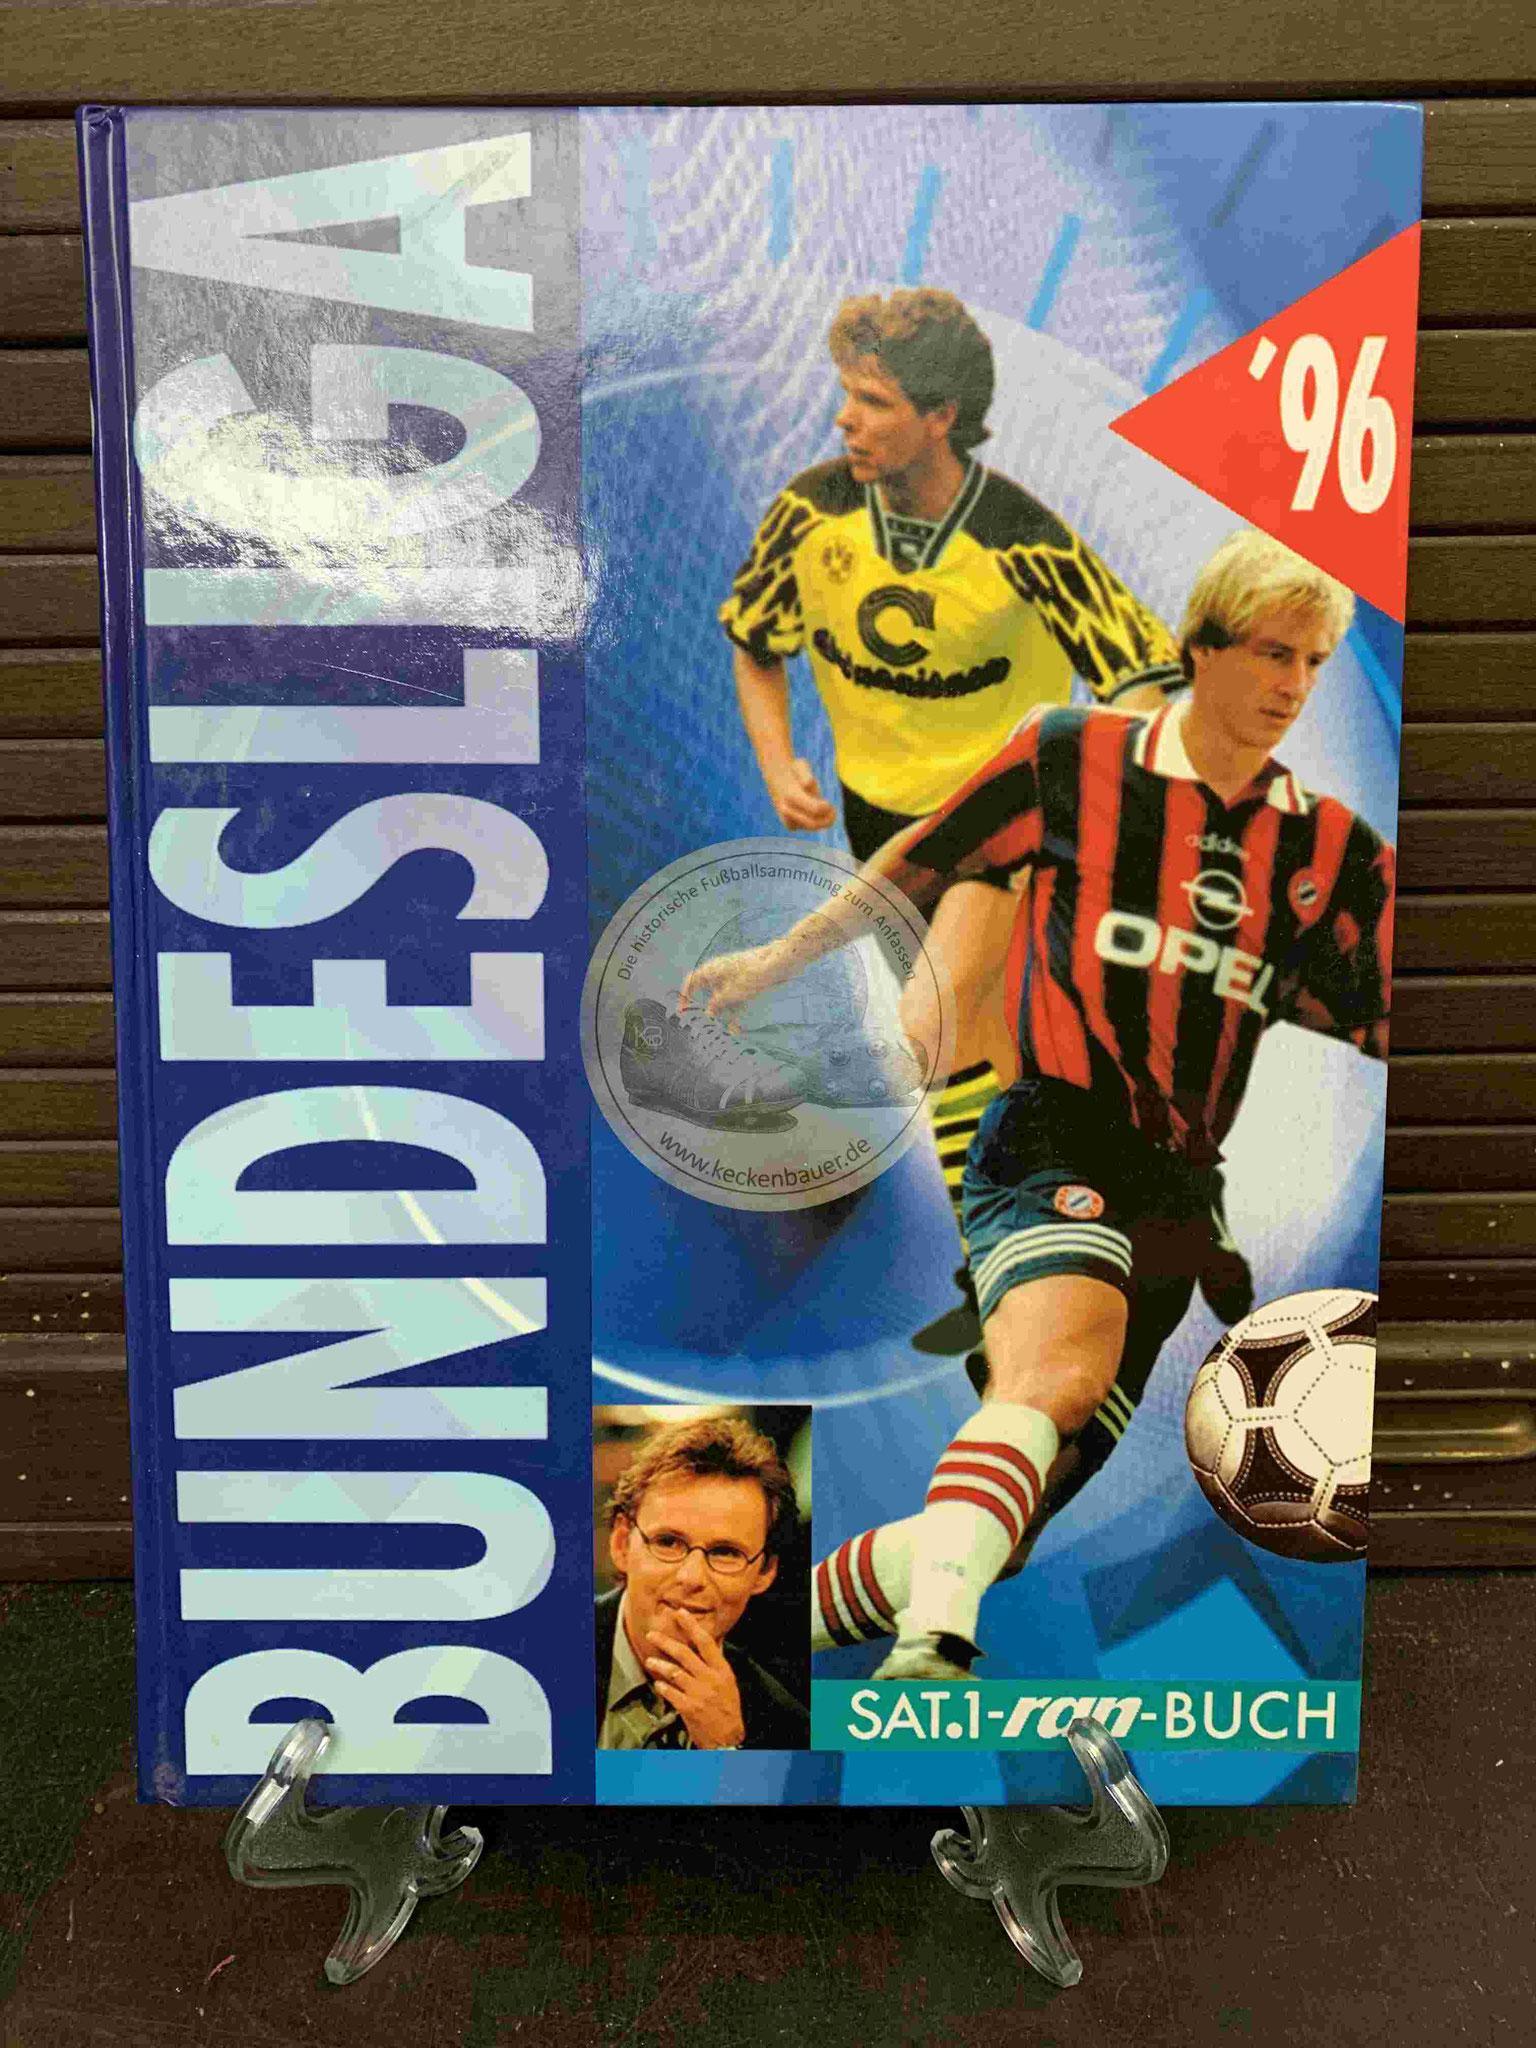 Sat 1 ran Buch Bundesliga 1996